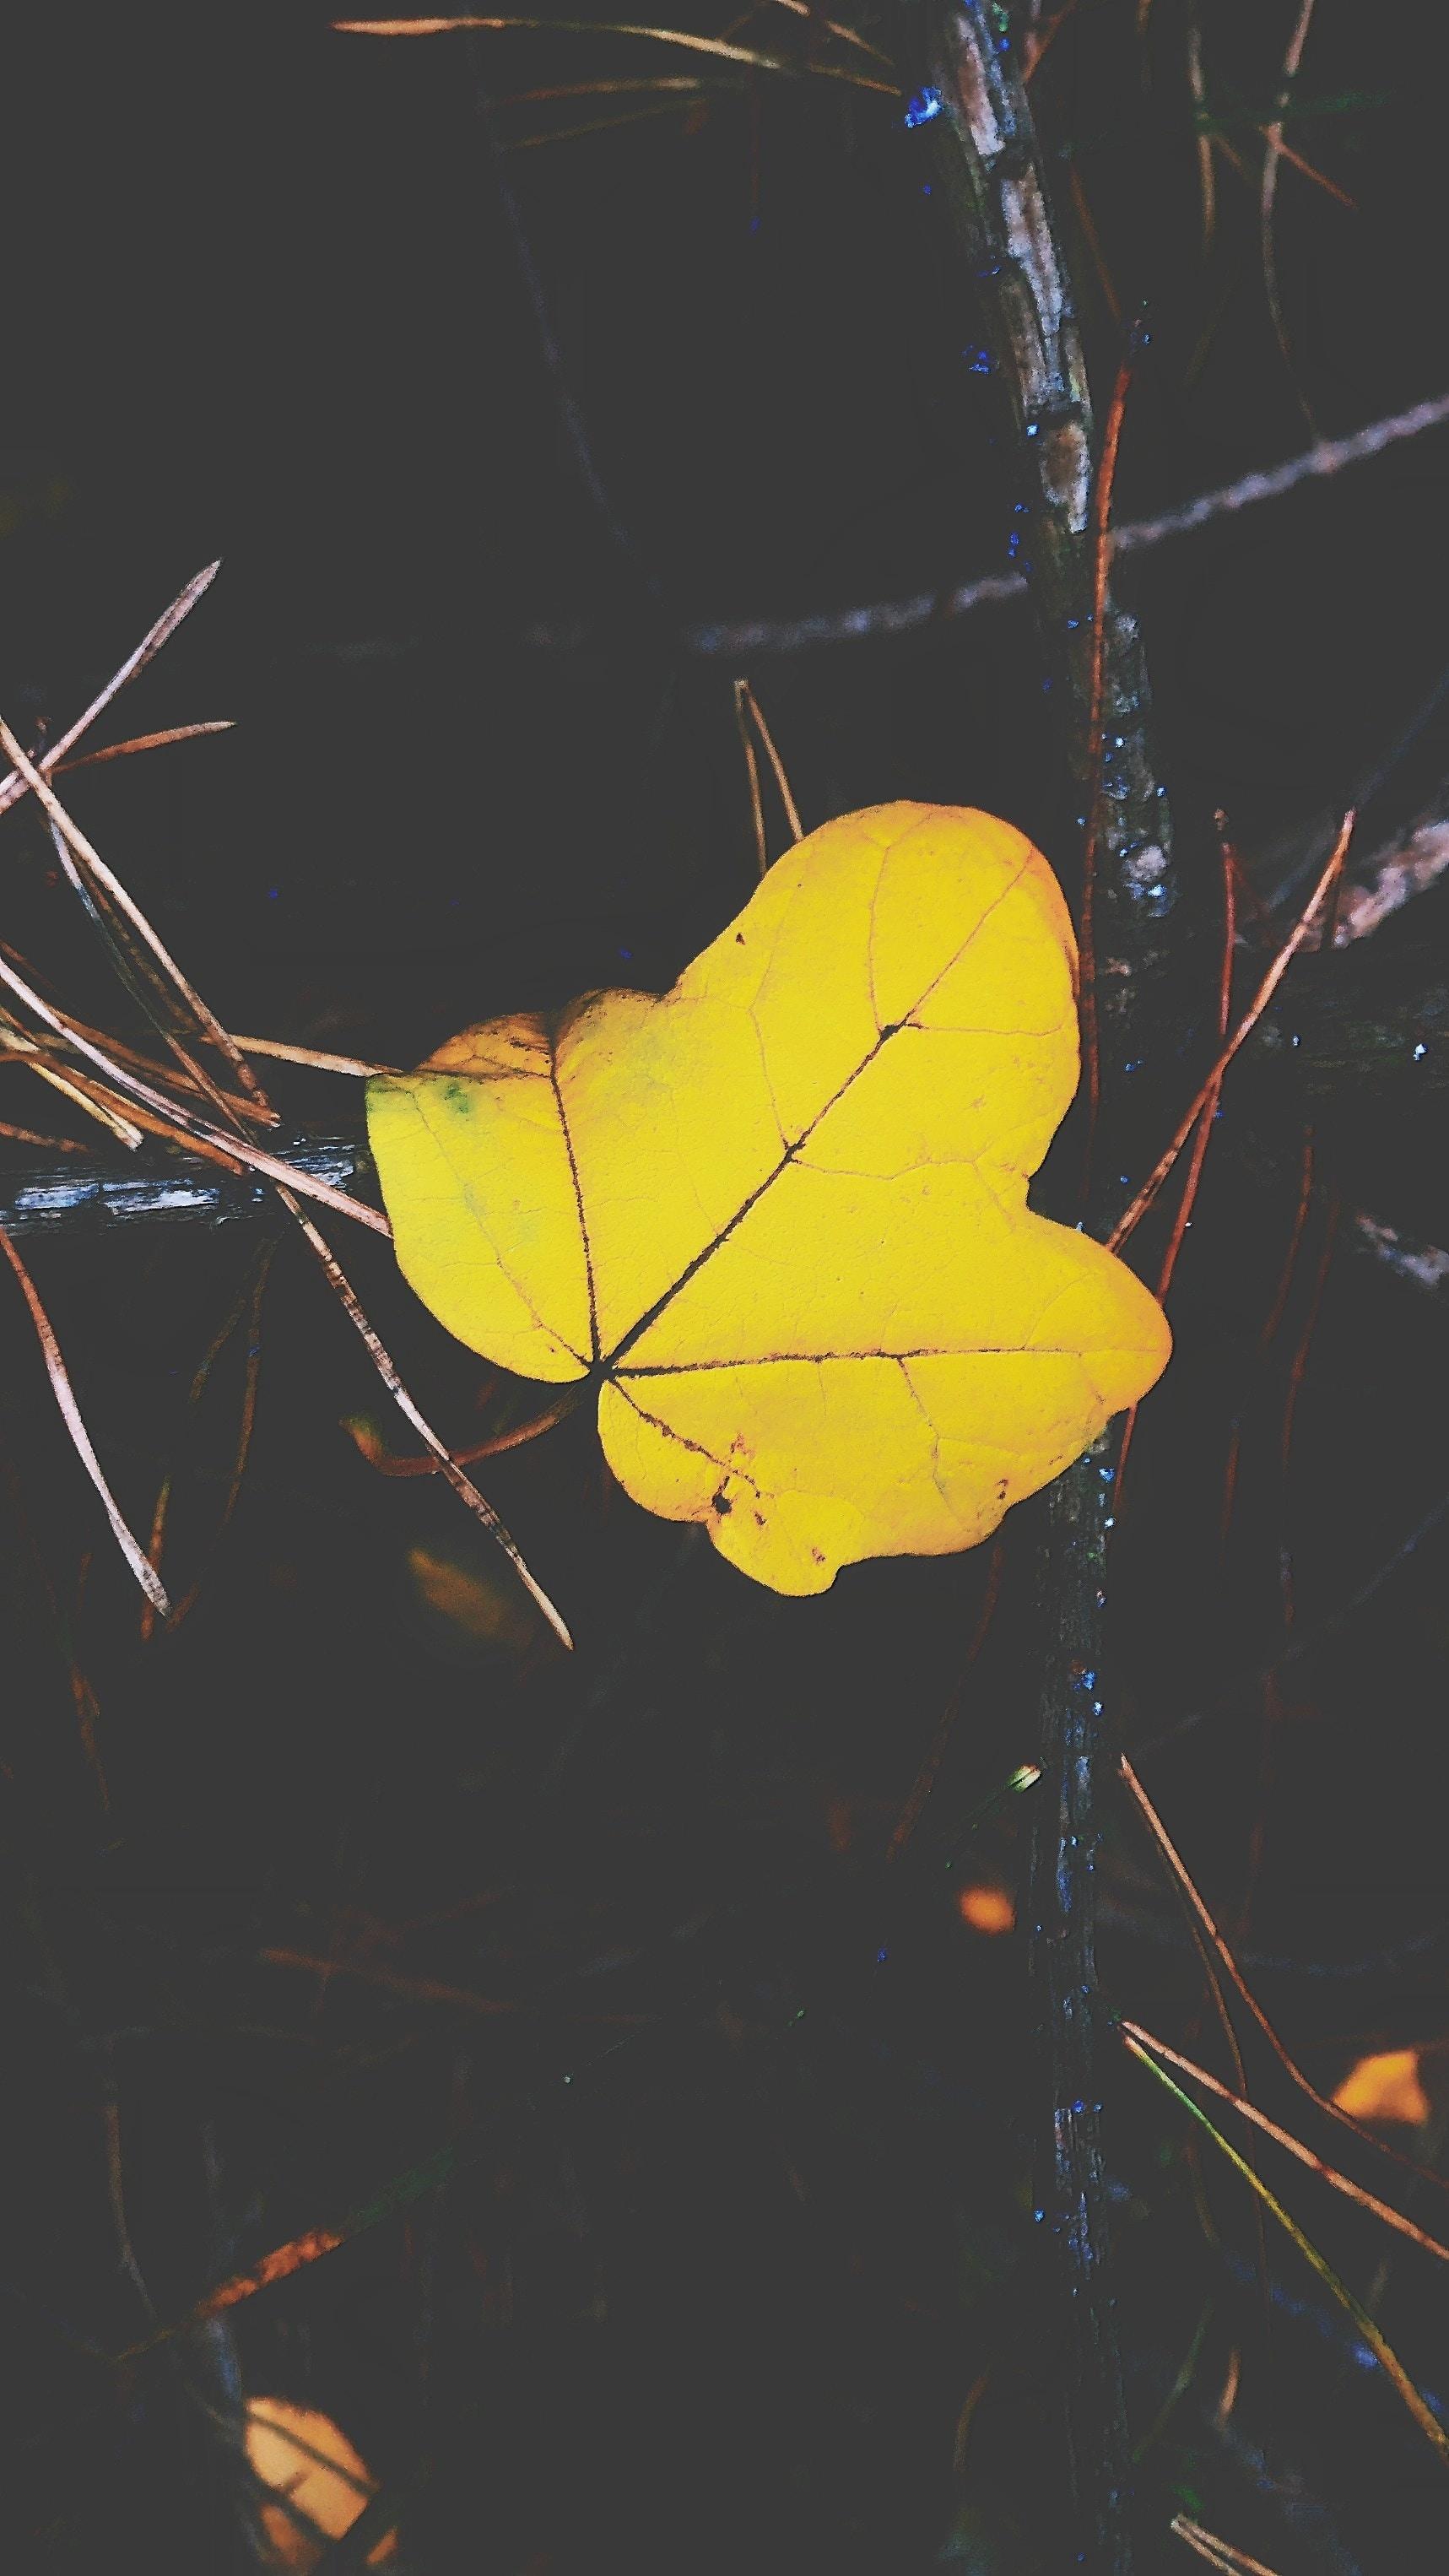 A yellow leaf.